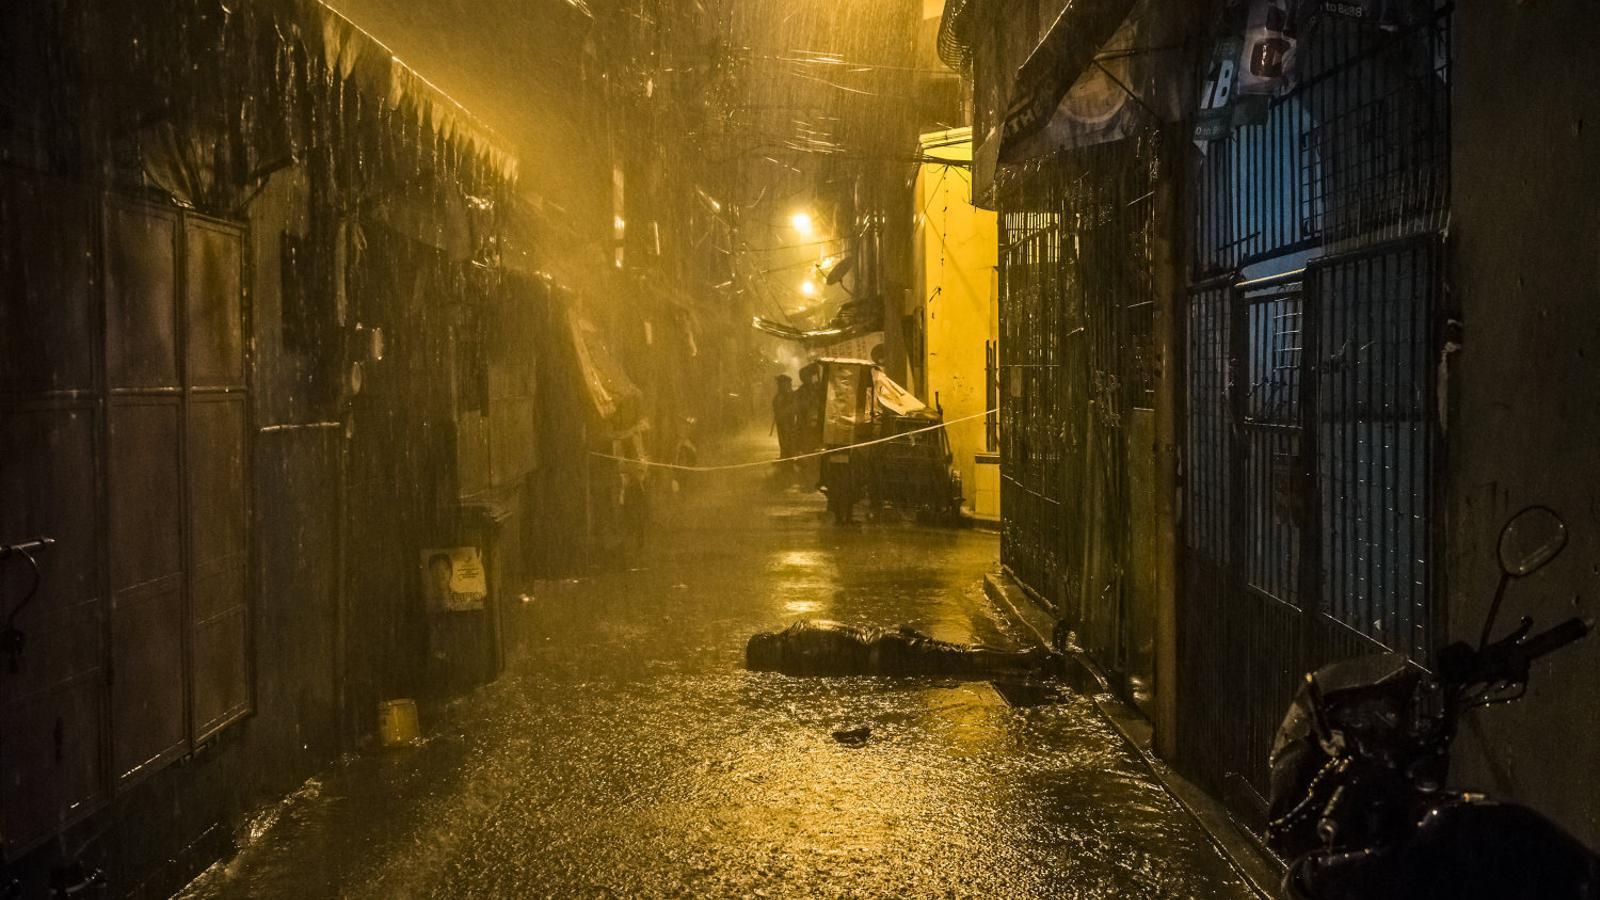 El fotoperiodista Daniel Berehulak va documentar els assassinats de 57 persones en una estada de 35 dies a Manila, la tardor del 2016, durant la brutal campanya antidroga del president de les Filipines, Rodrigo Duterte. A la imatge, el cadàver de Romeo Torres Fontanilla.